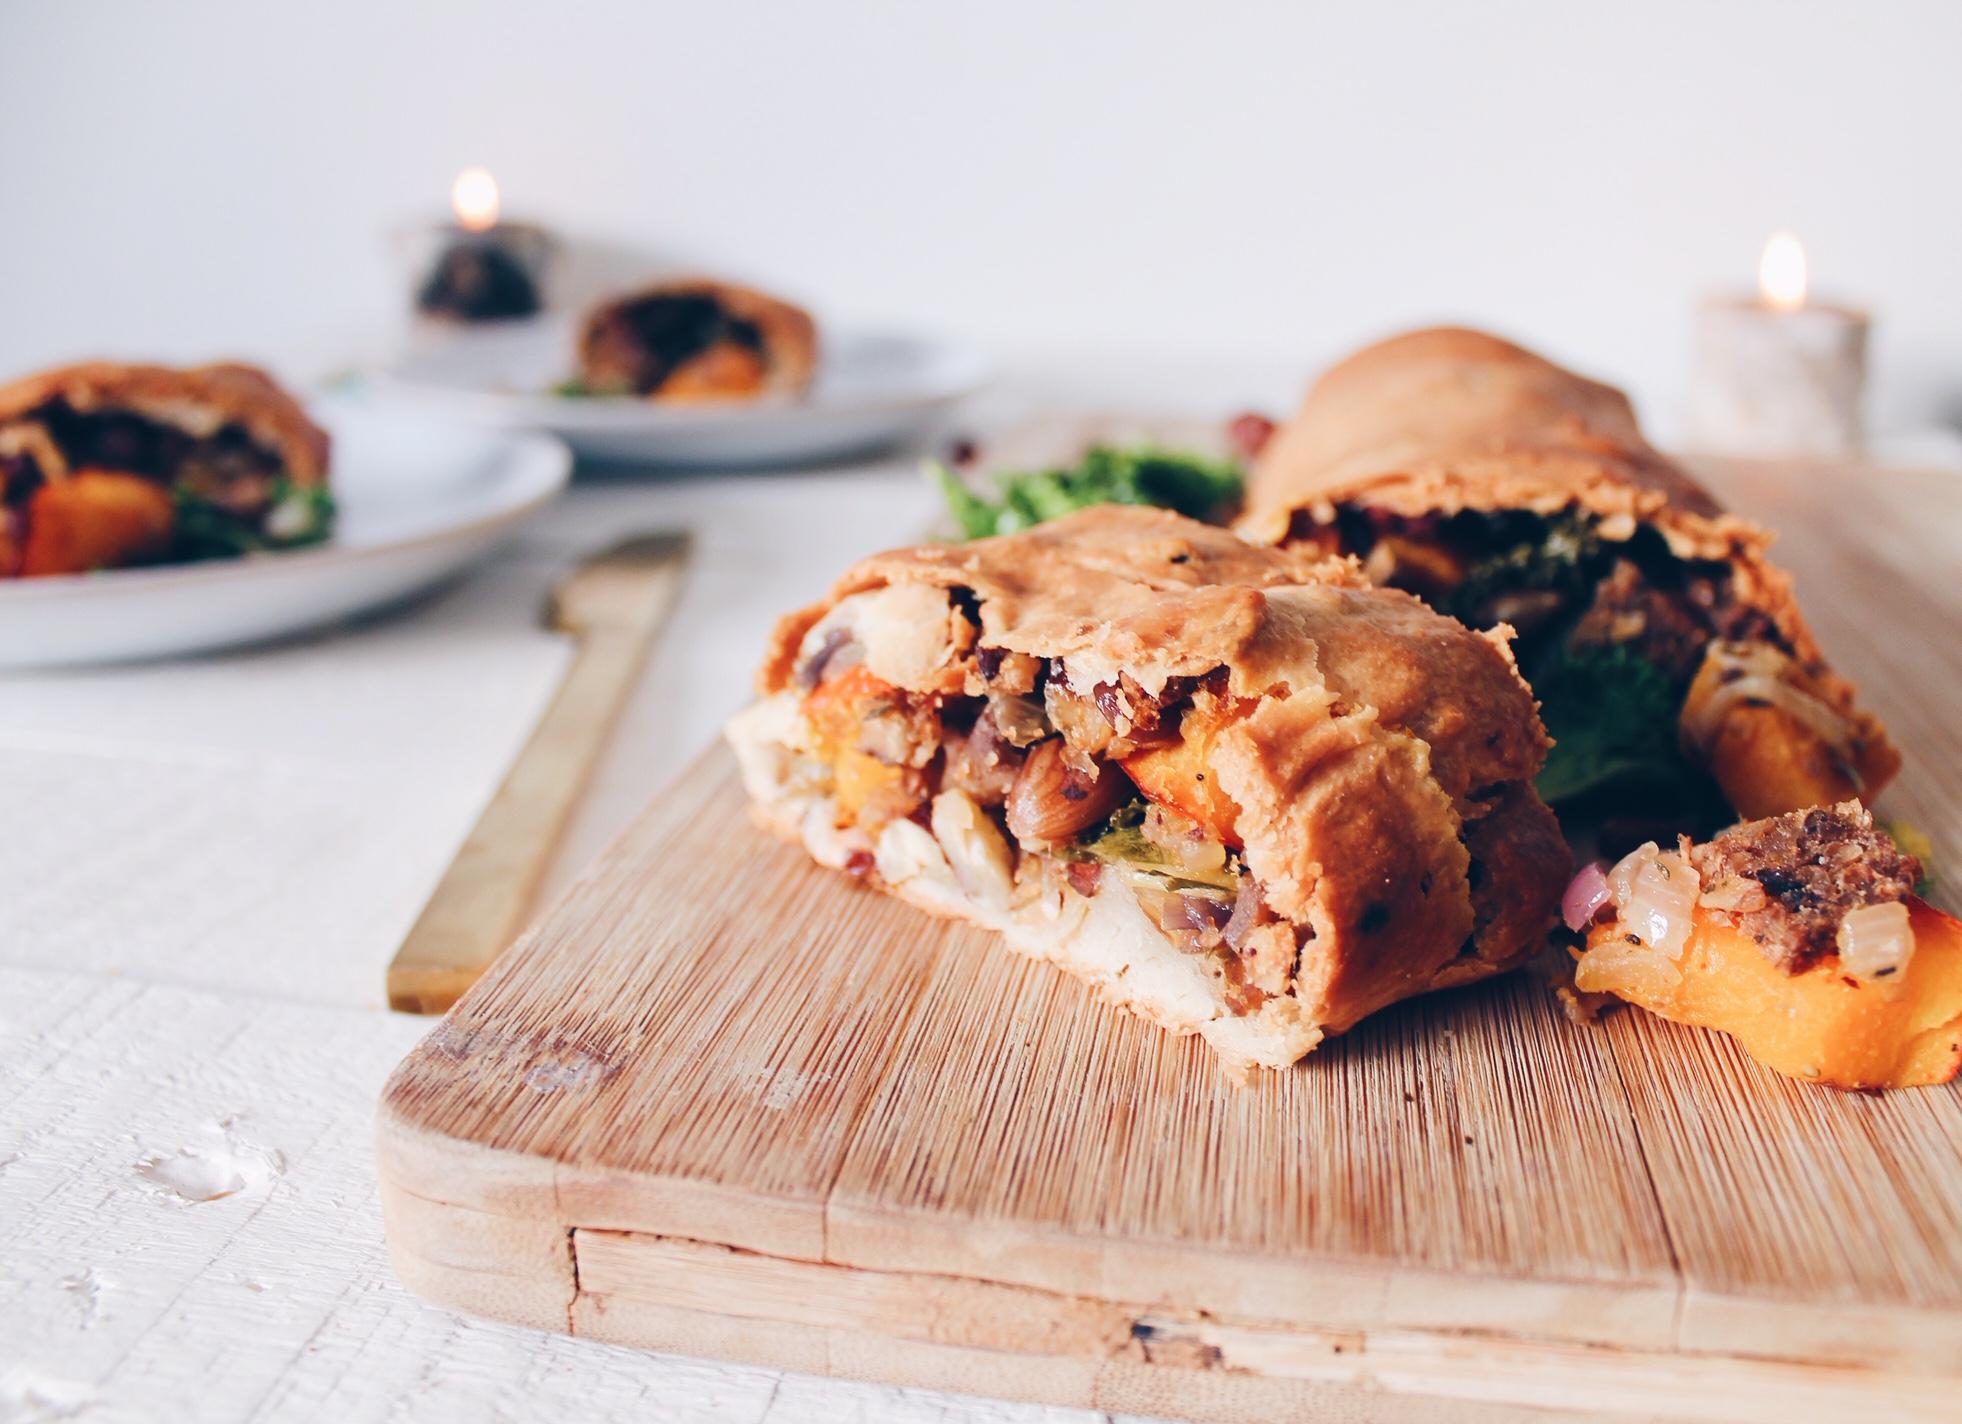 Recette vegan de feuilleté aux marrons, potimarron et chou kale, avec de la noisette. Sur le blog laualamenthe.com